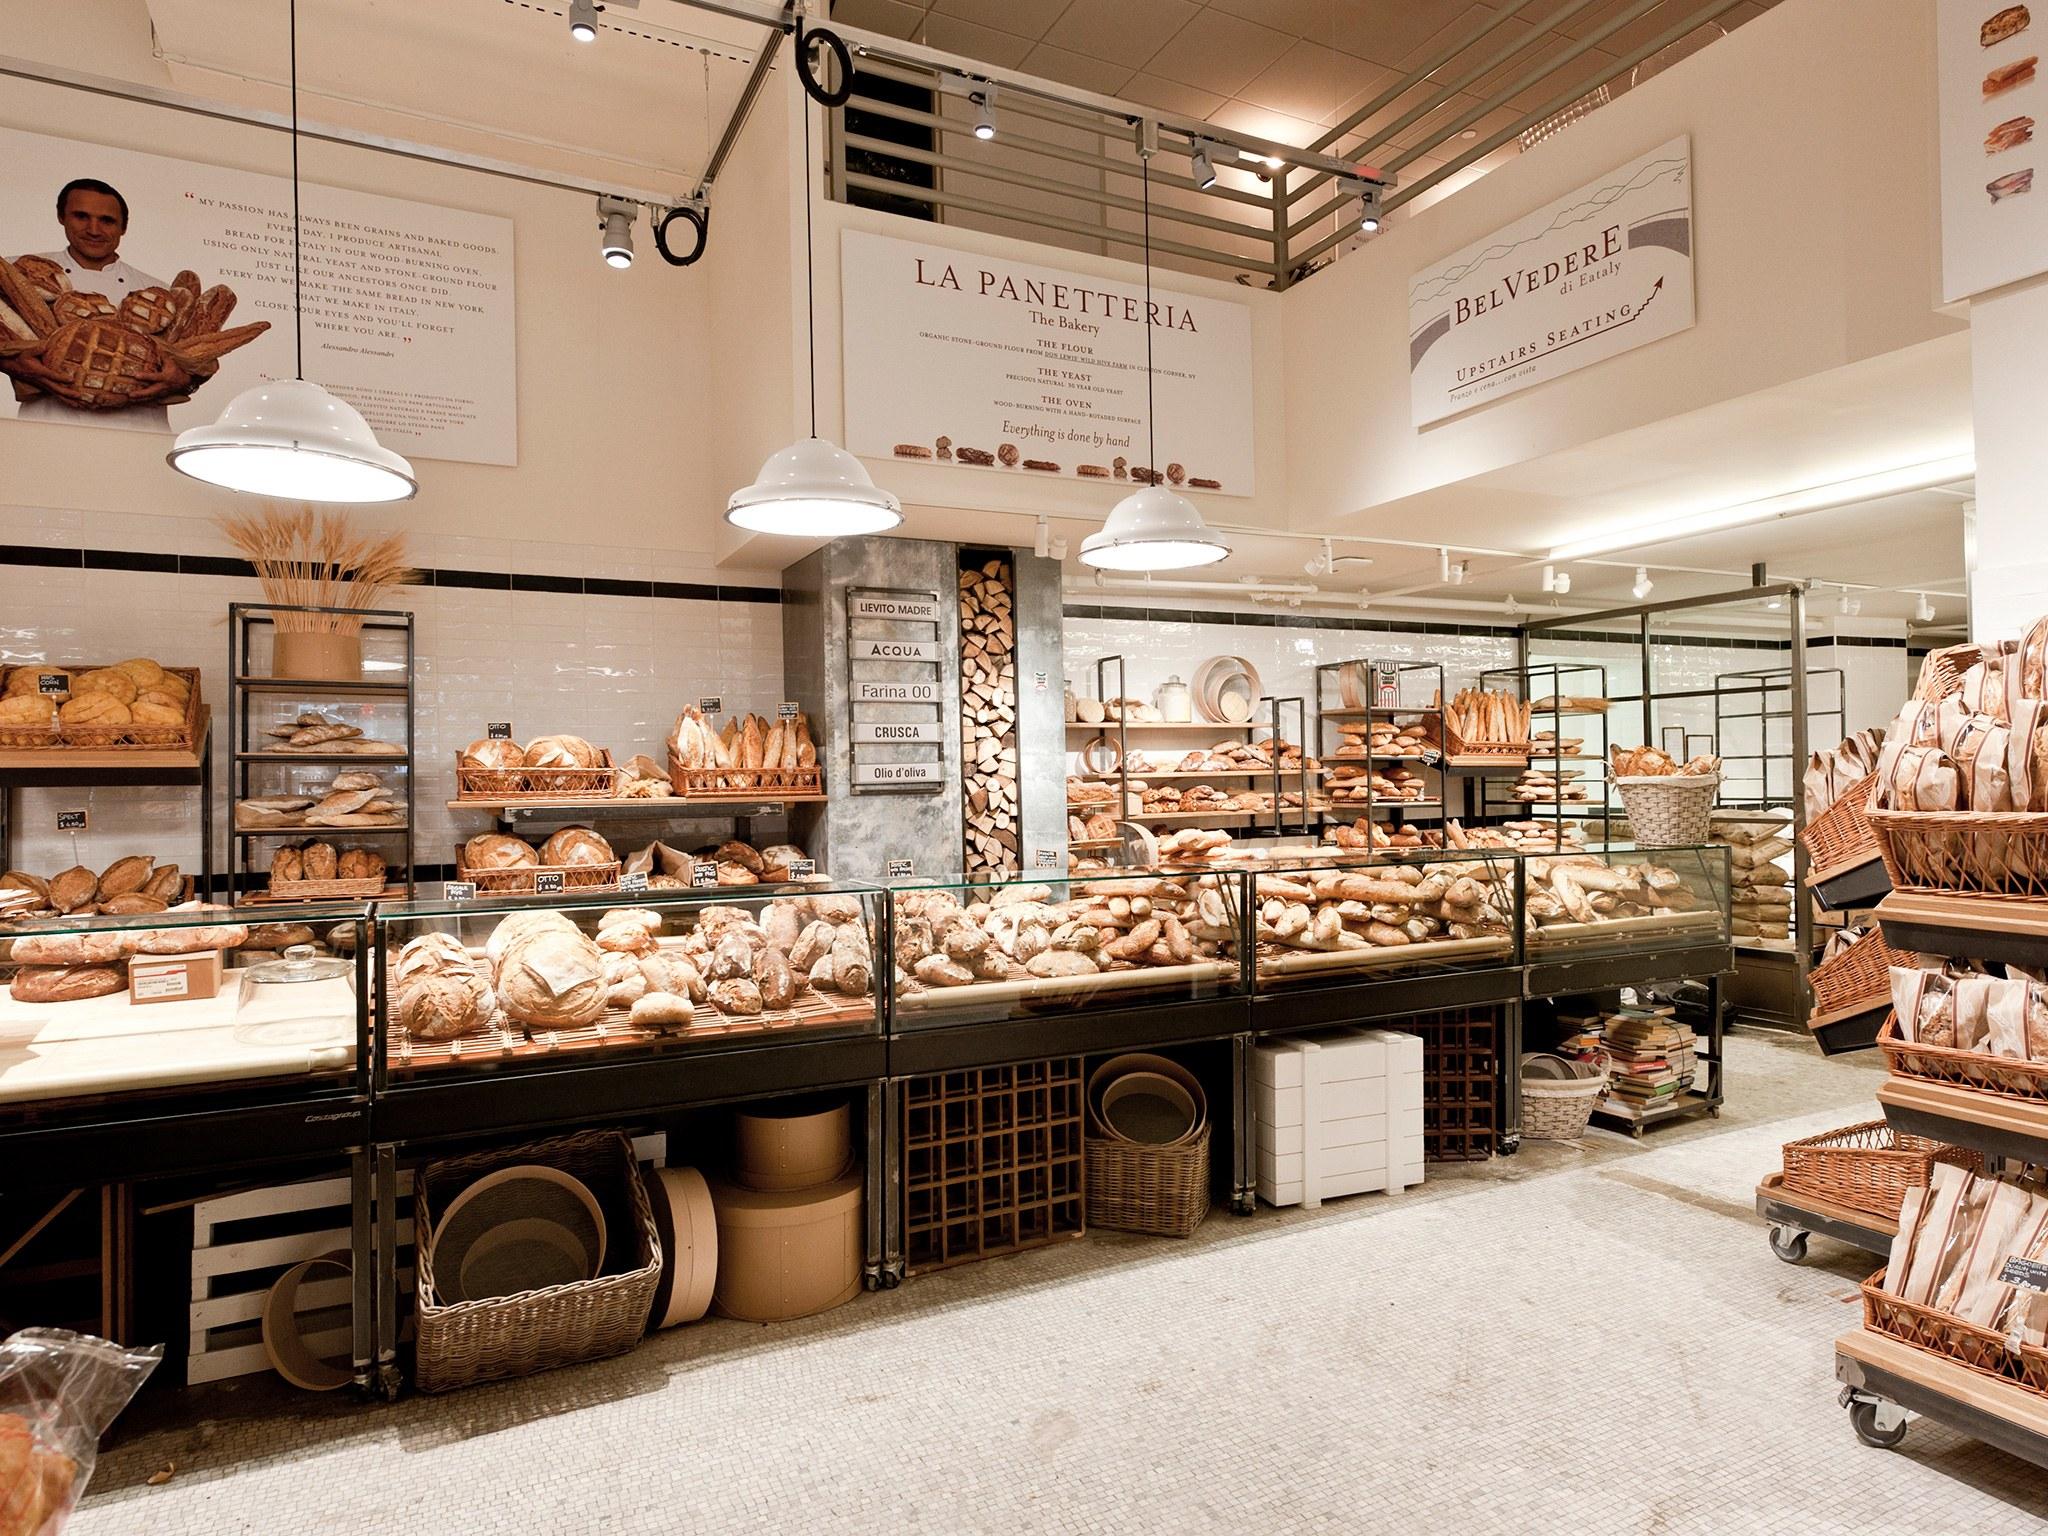 Eatalu NYC Bakery